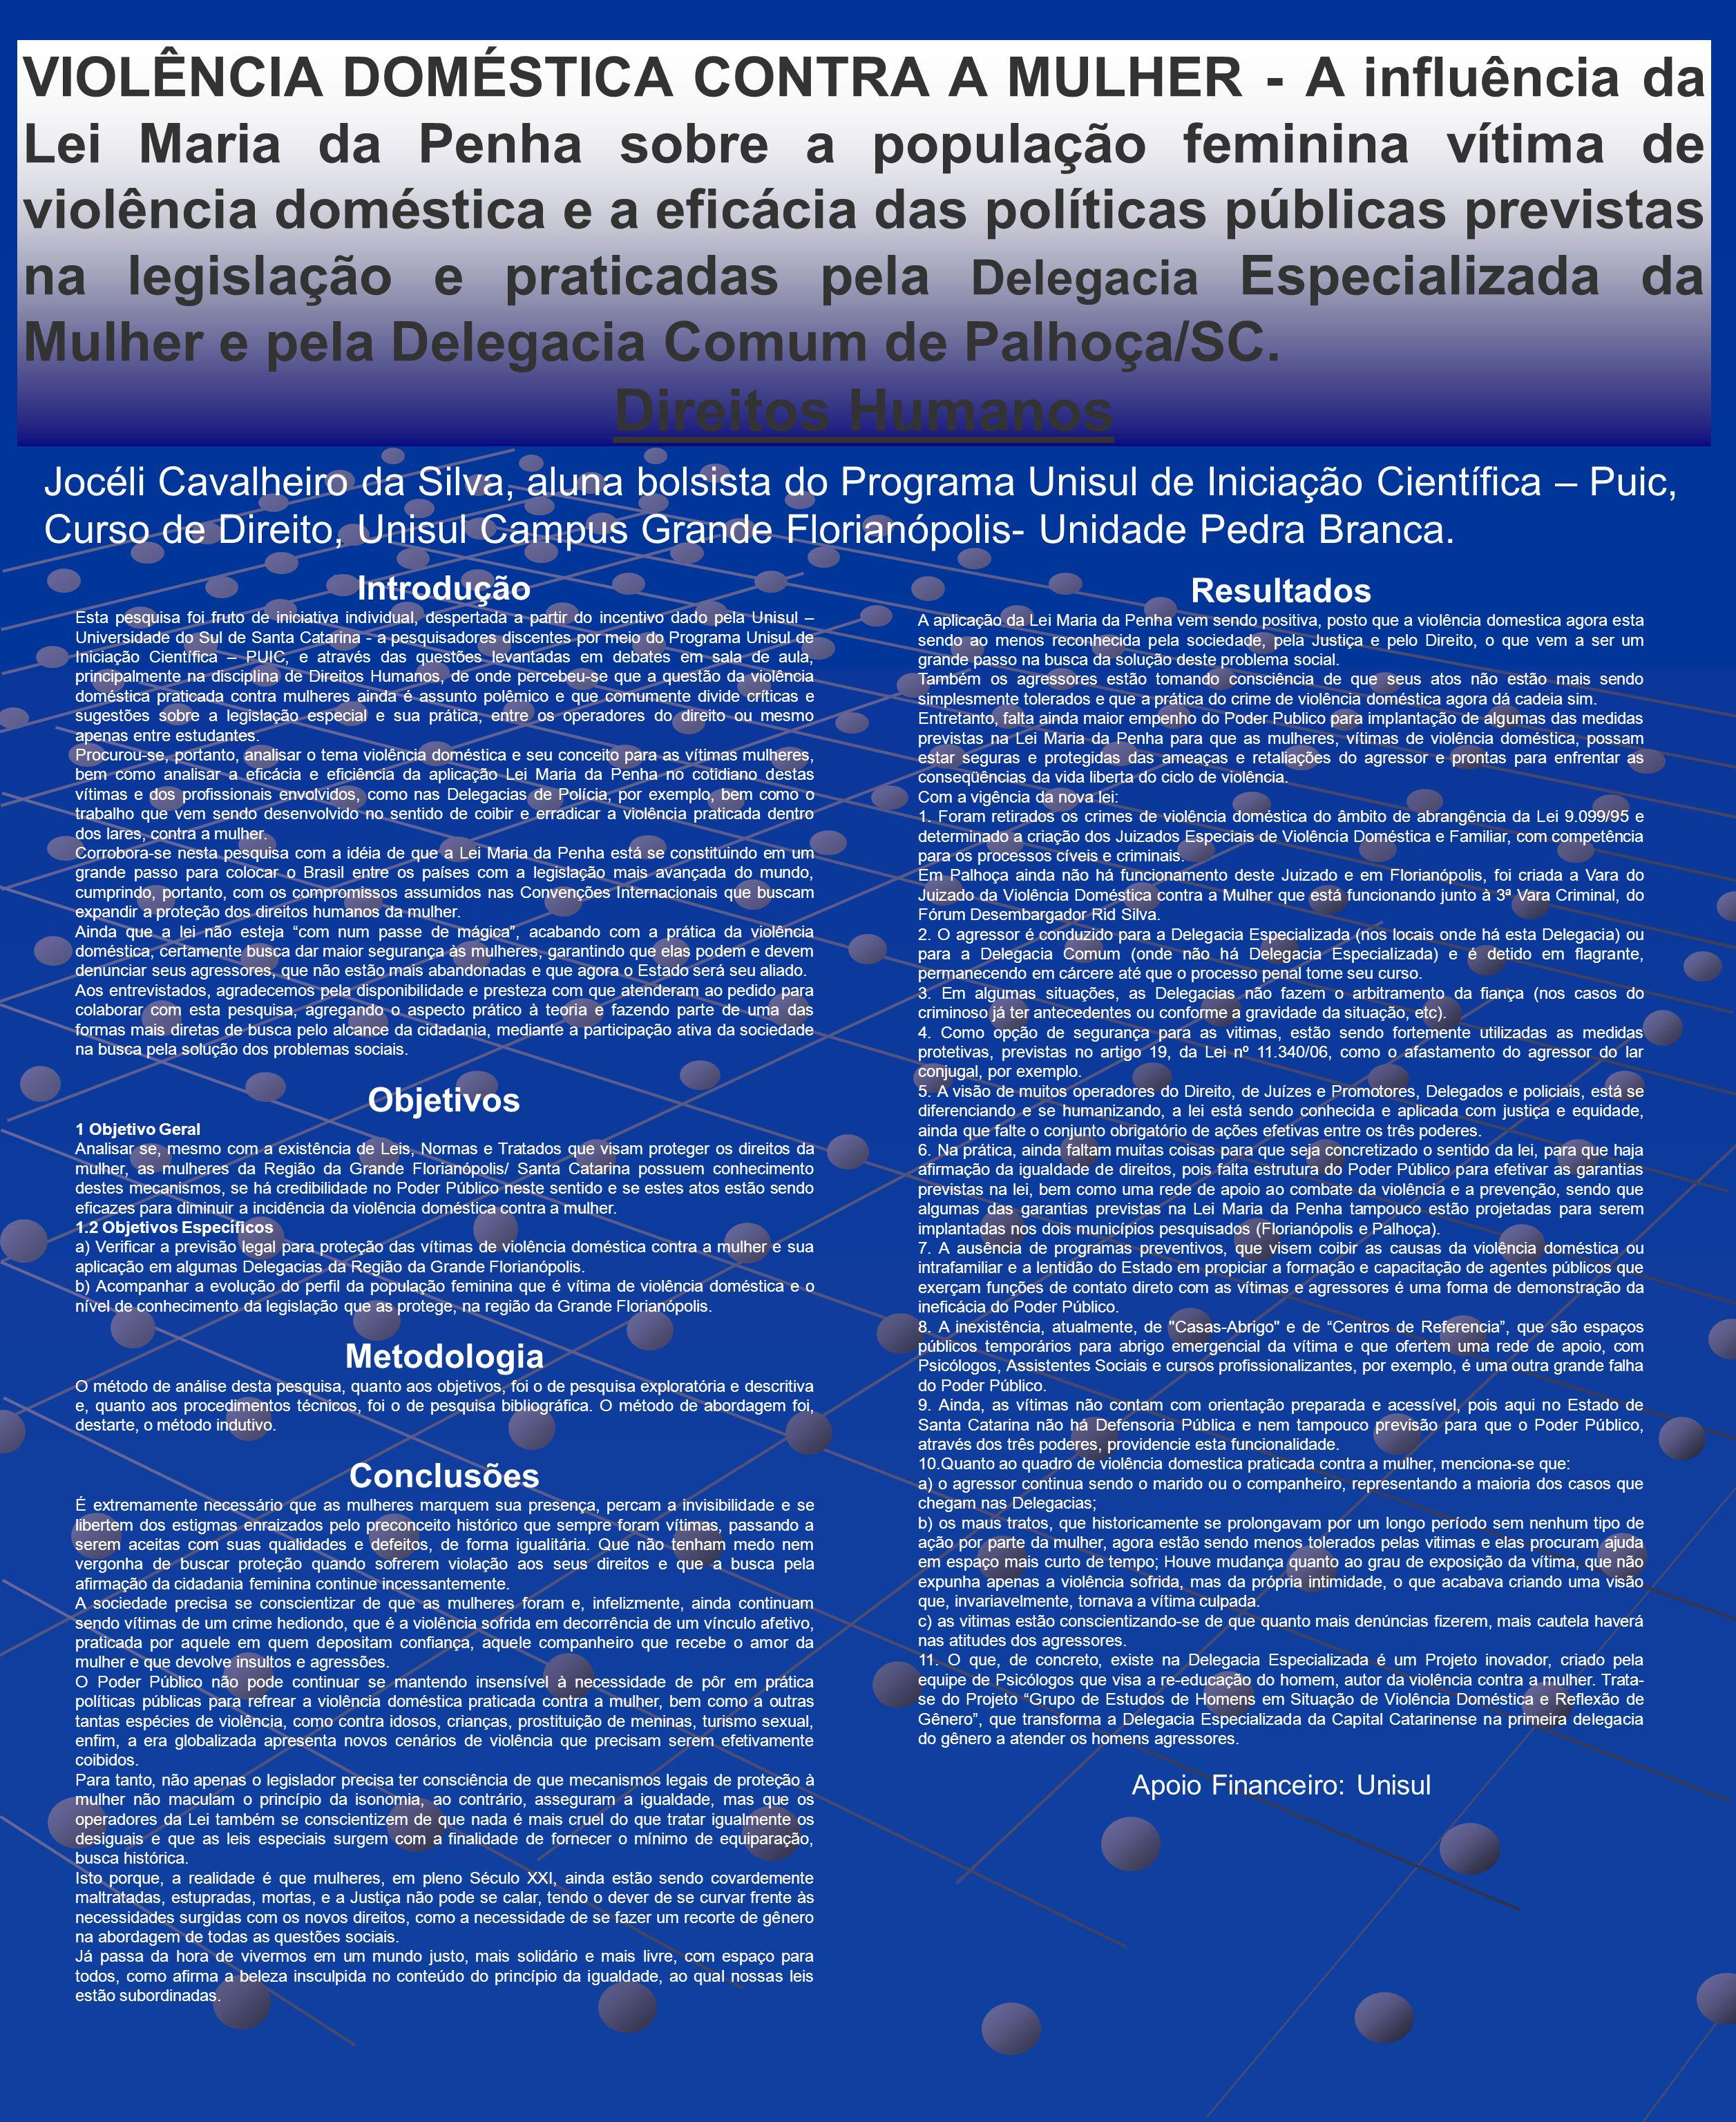 VIOLÊNCIA DOMÉSTICA CONTRA A MULHER - A influência da Lei Maria da Penha sobre a população feminina vítima de violência doméstica e a eficácia das pol